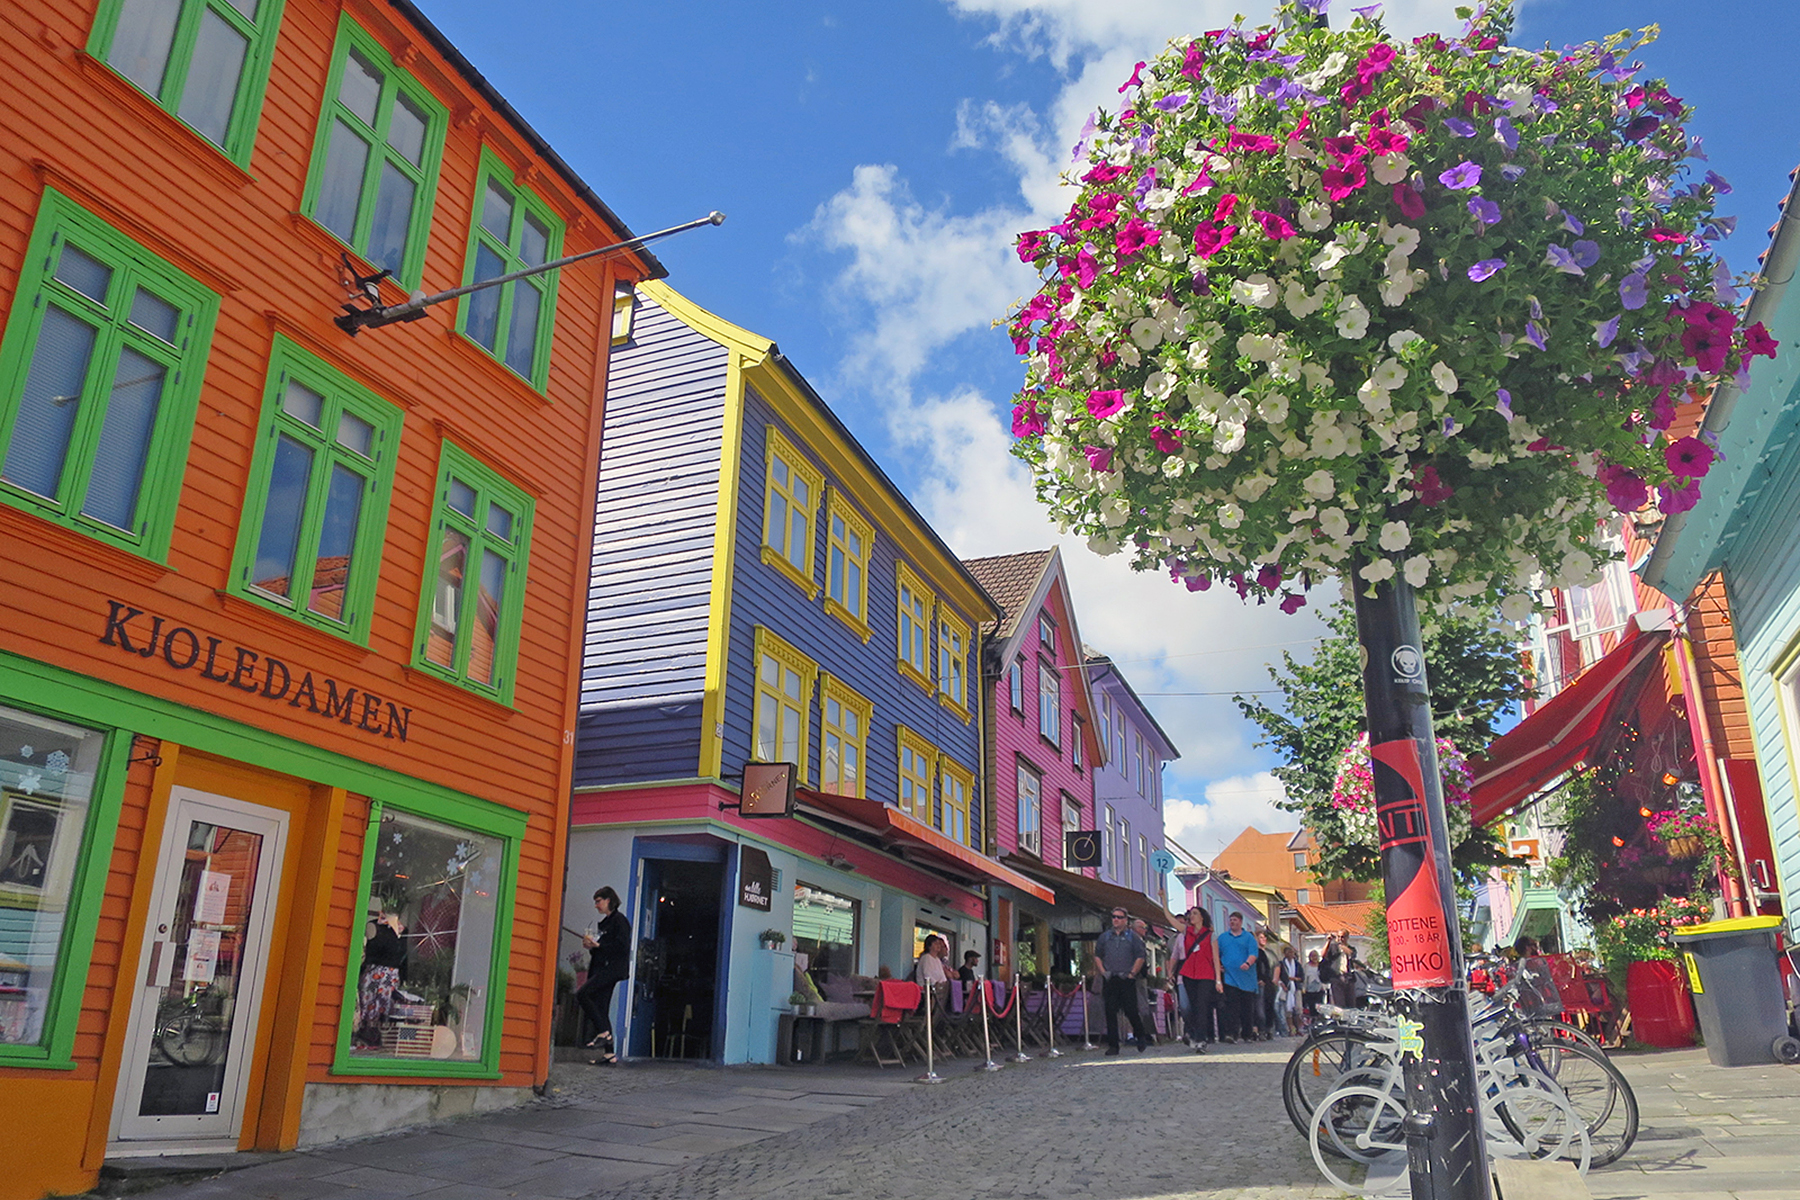 Stop-over Stavanger: Warum man bei einer Norwegen-Kreuzfahrt in Stavanger an Land gehen sollte